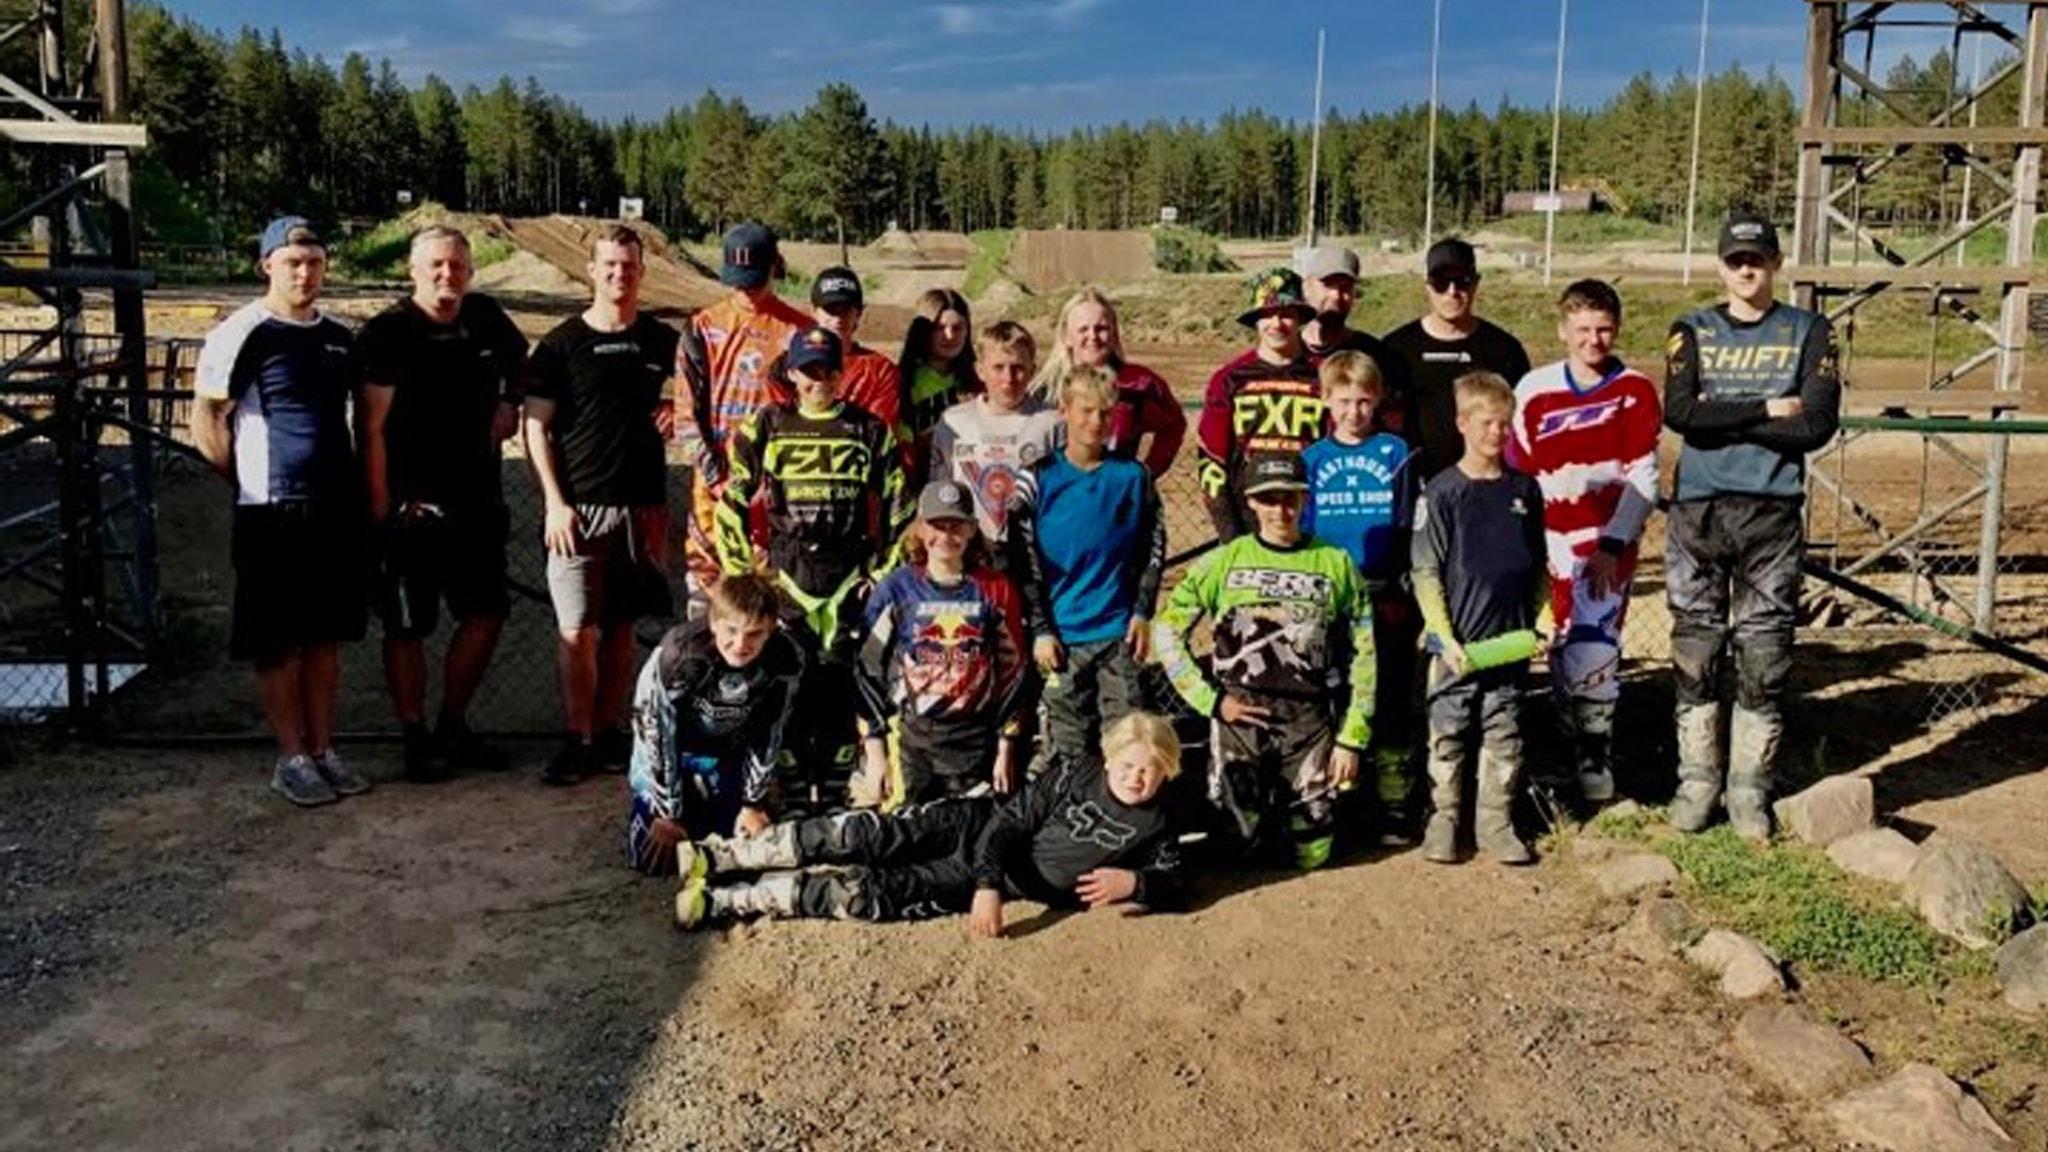 Motocrossungdomar på Lökenebanan utanför Kil i Värmland